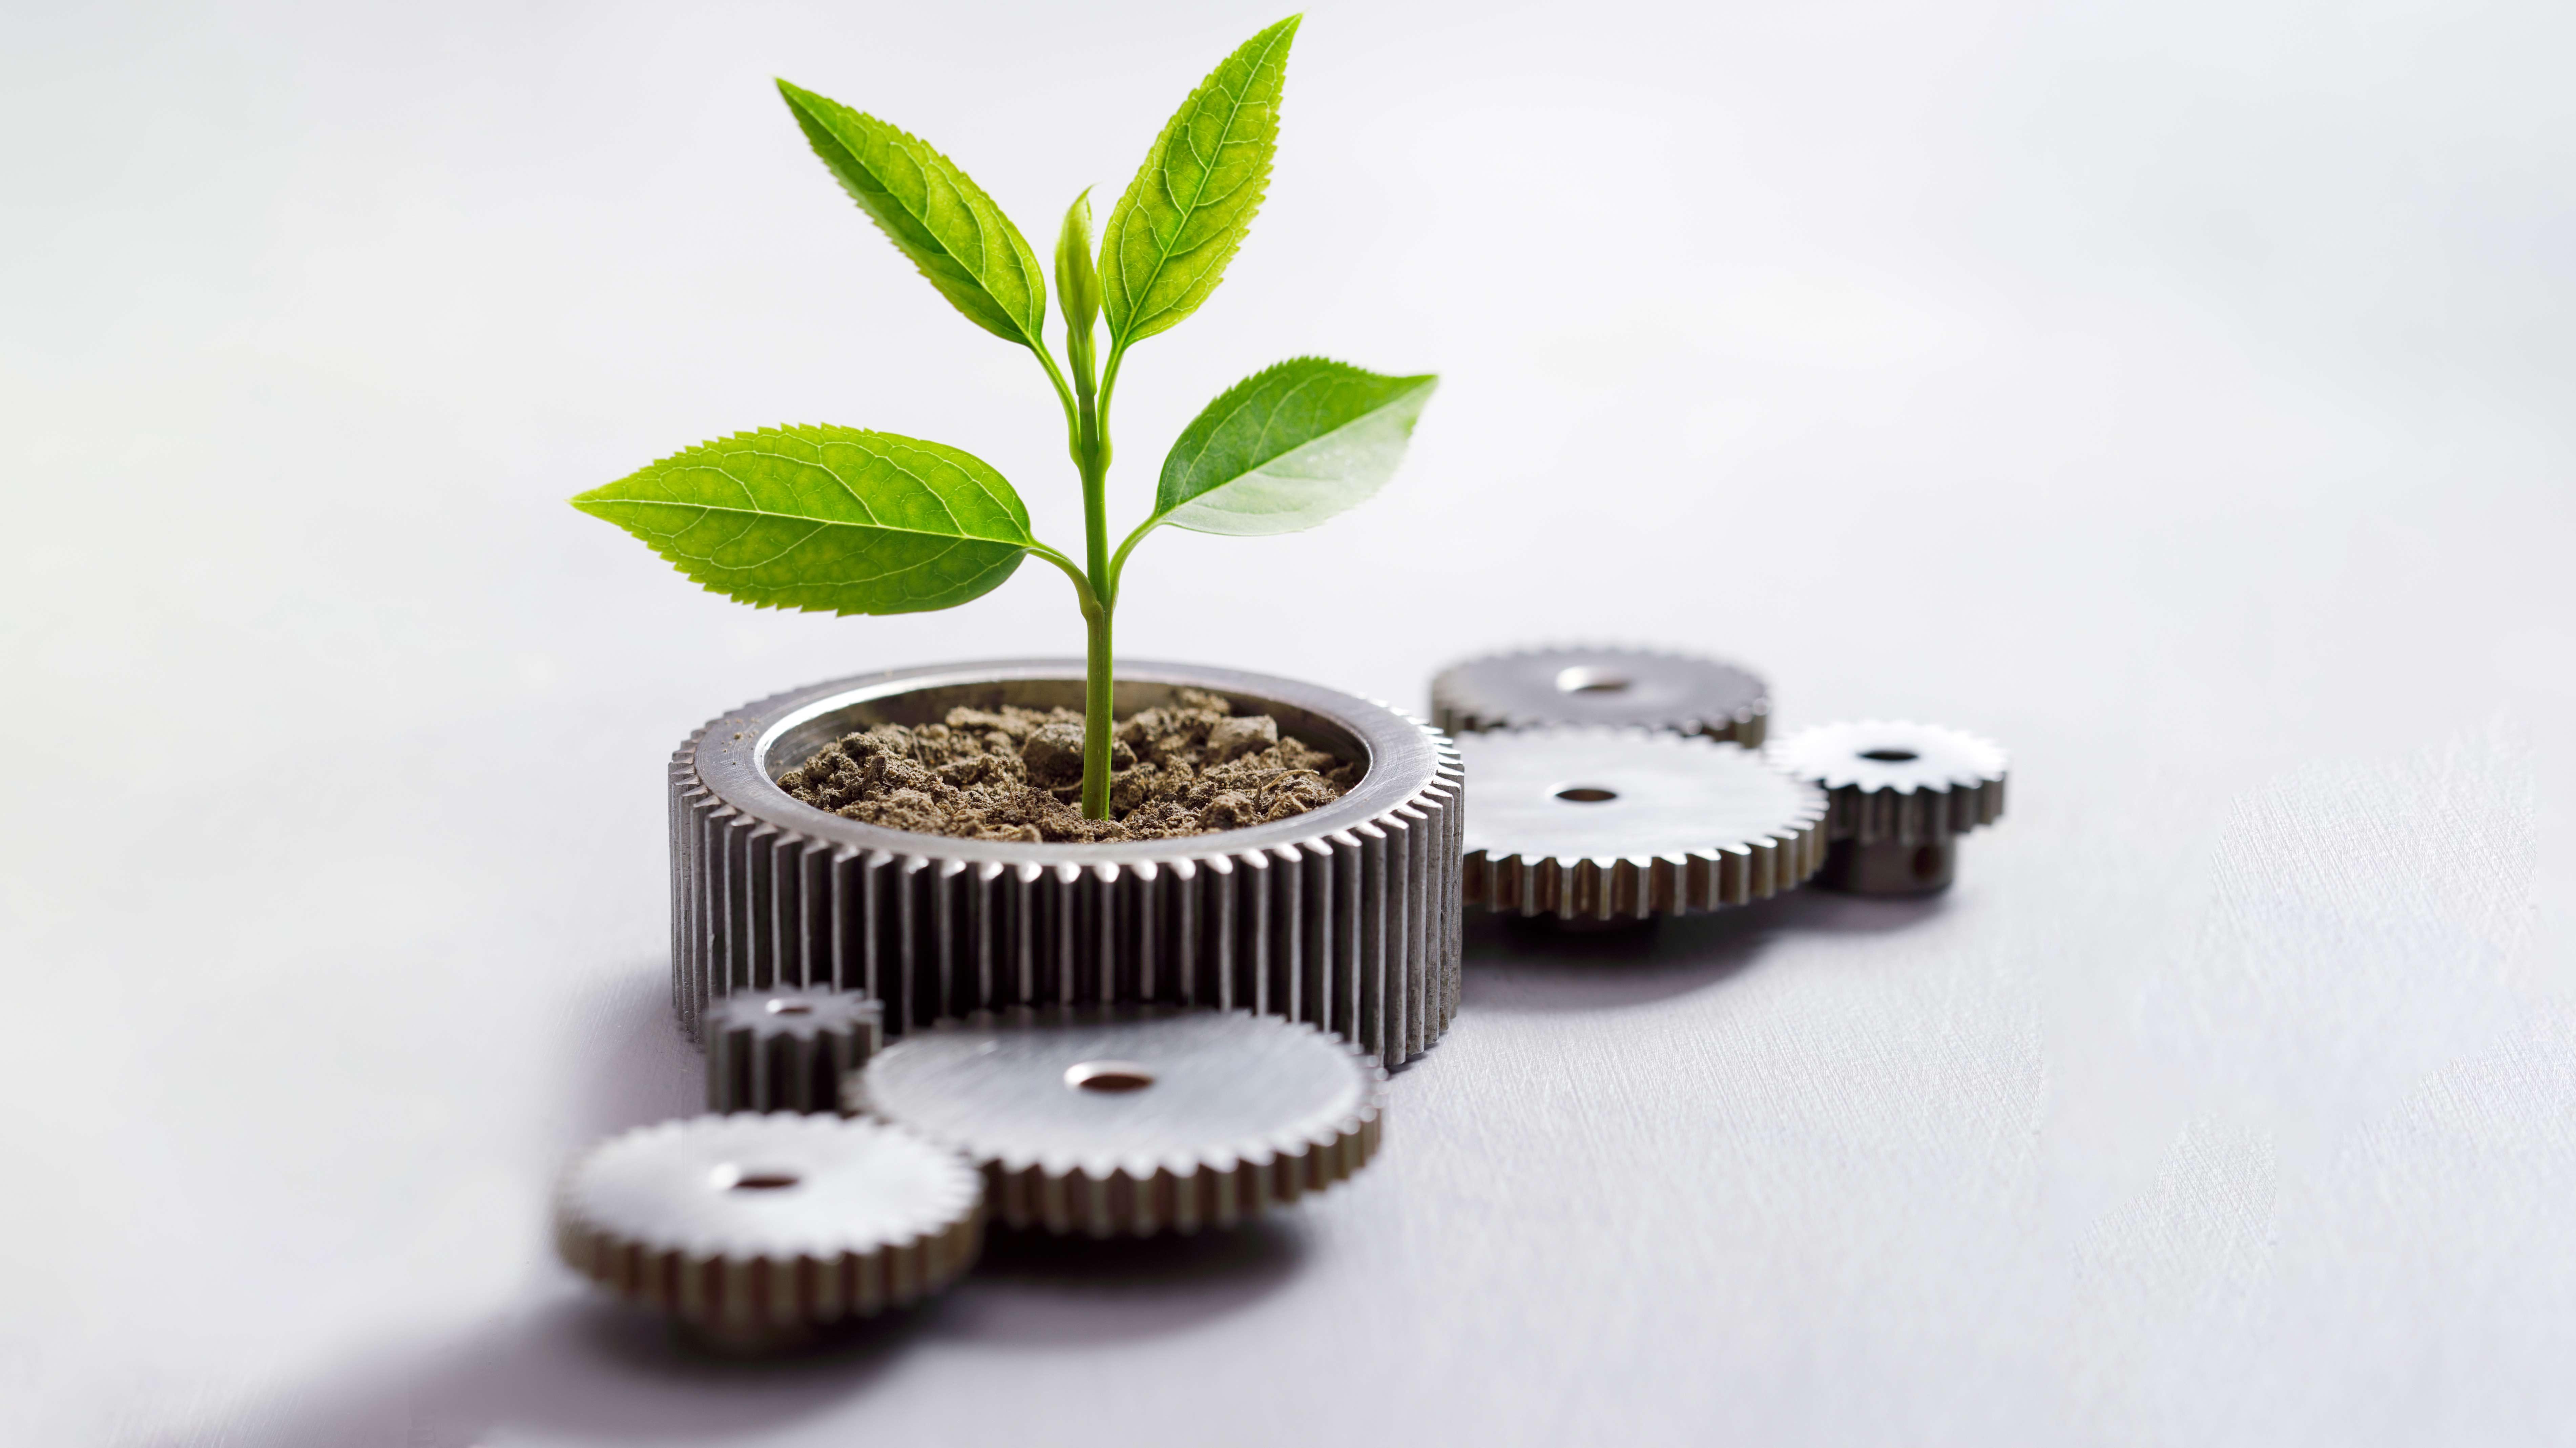 Agenda ESG: Directorios priorizan criterios sociales sobre ambientales y de gobernanza